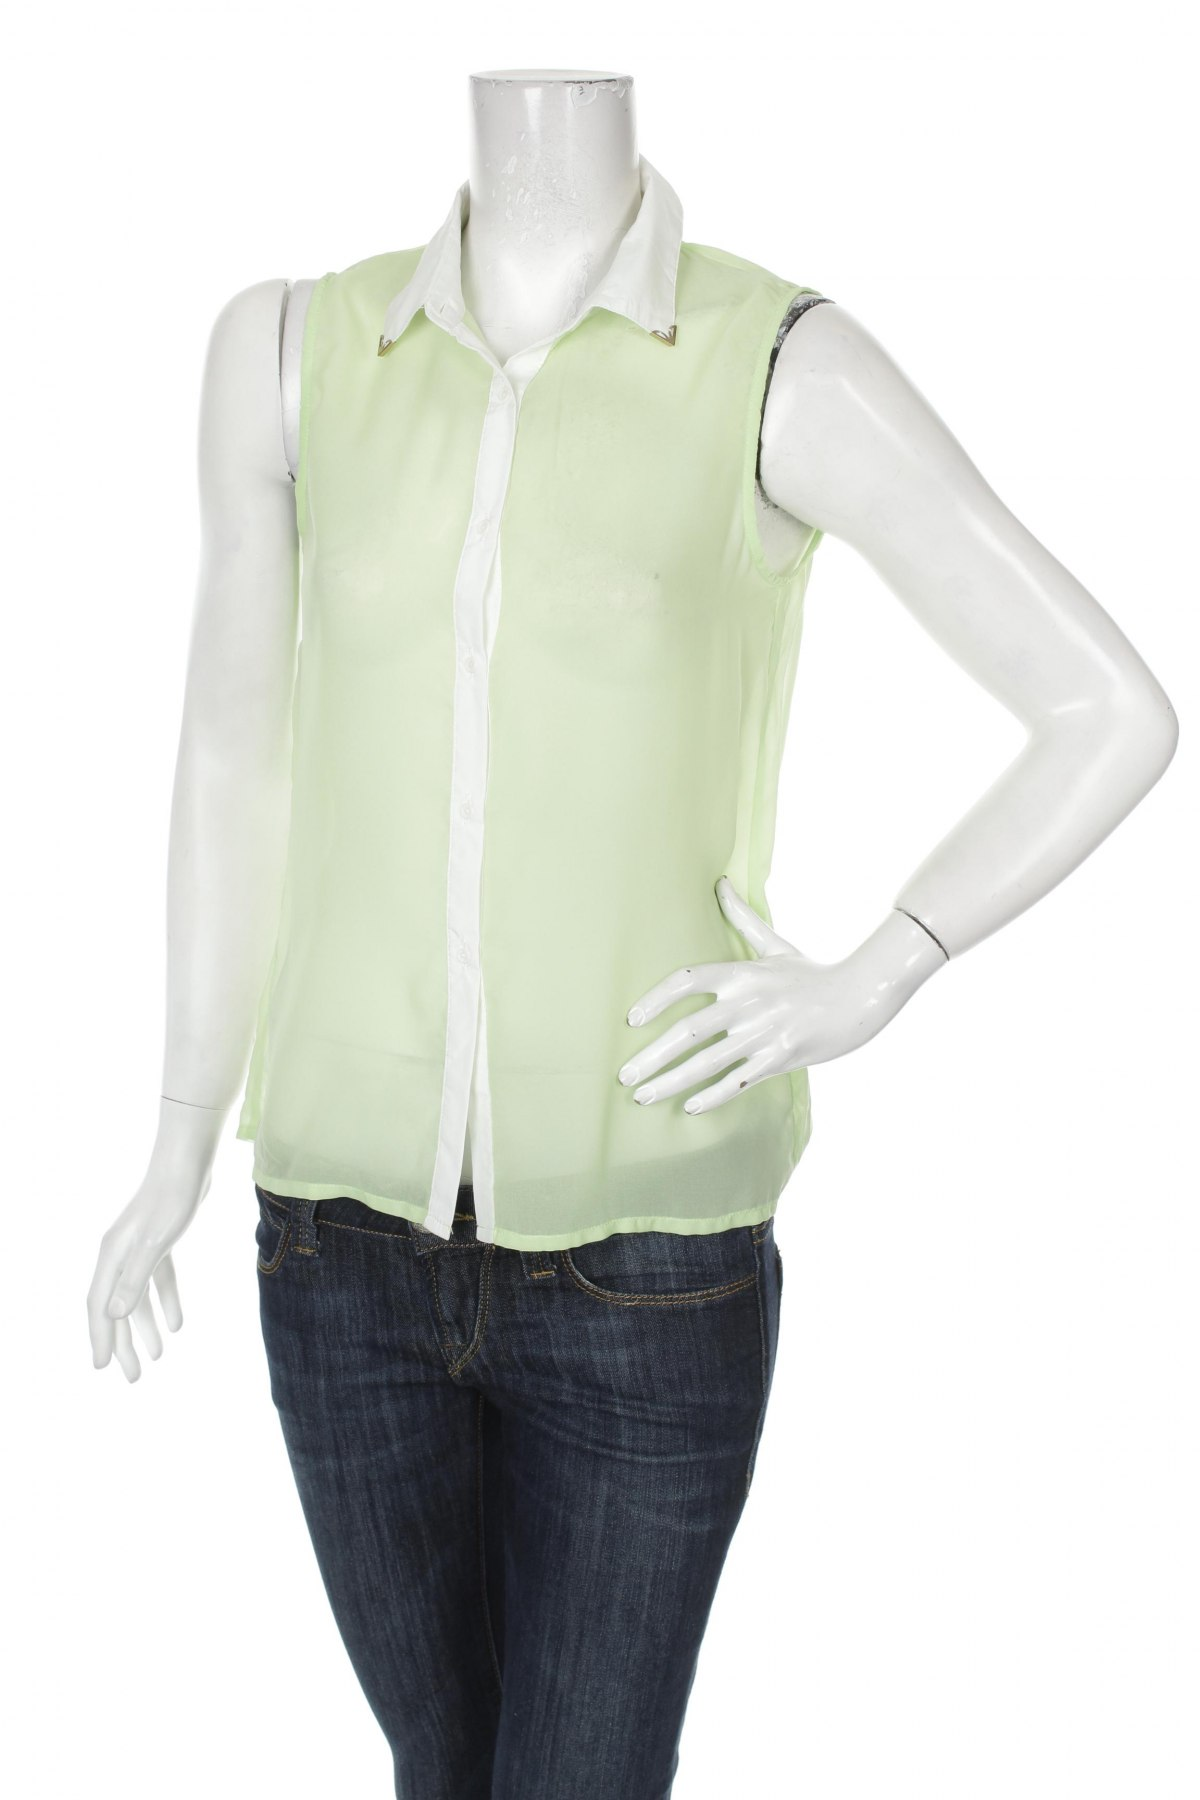 Γυναικείο αμάνικο μπλουζάκι Bik Bok, Μέγεθος S, Χρώμα Πράσινο, 100% πολυεστέρας, Τιμή 9,90€